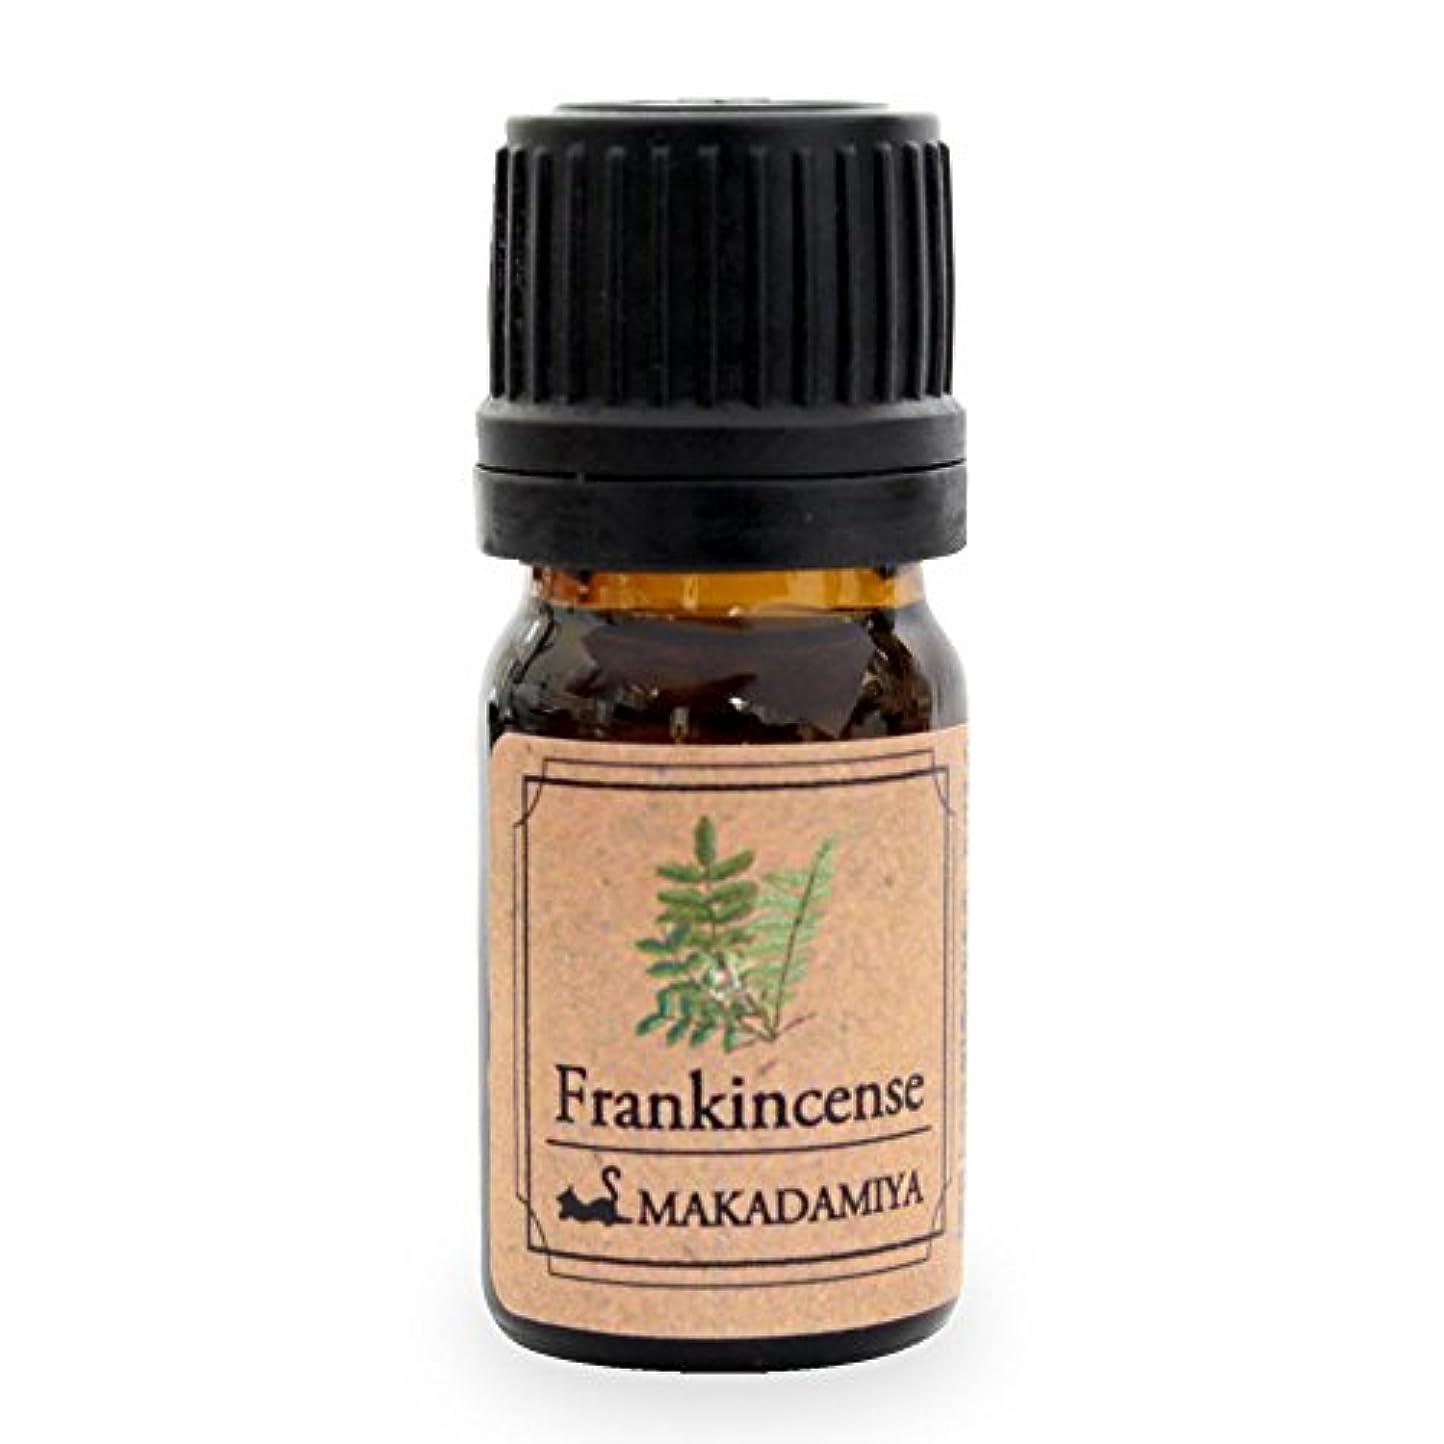 タンザニアメドレーかどうかフランキンセンス5ml 天然100%植物性 エッセンシャルオイル(精油) アロマオイル アロママッサージ aroma Frankincense